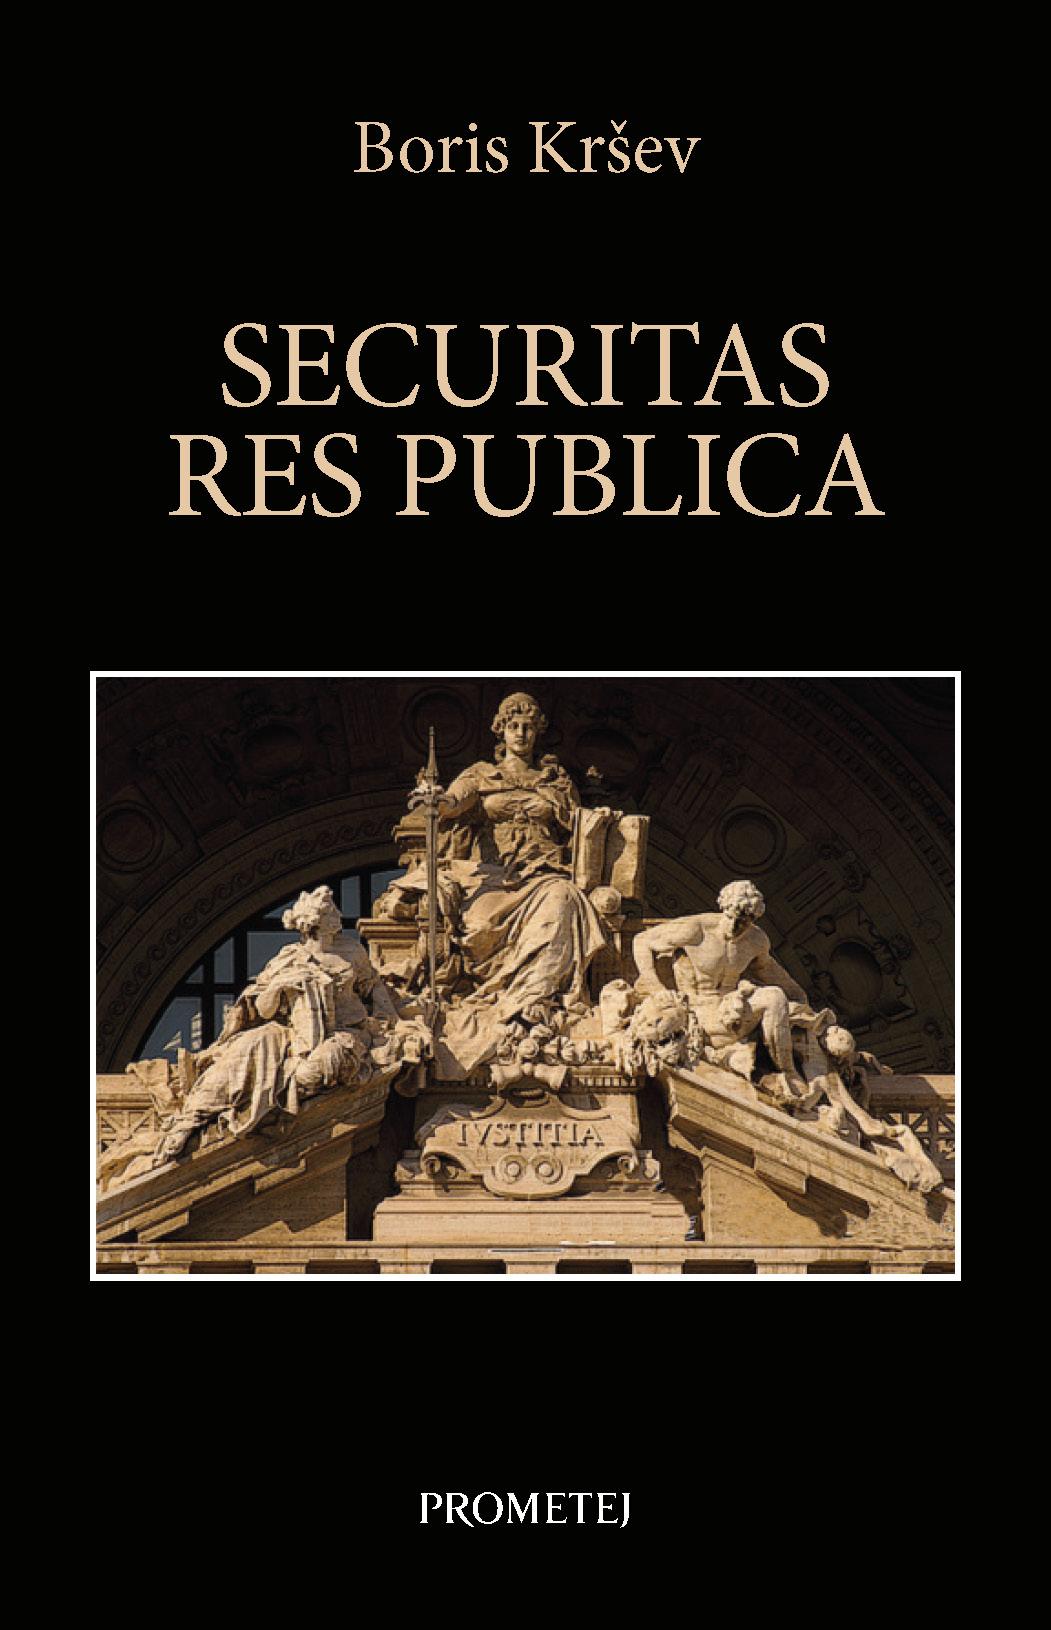 Securitas res publica